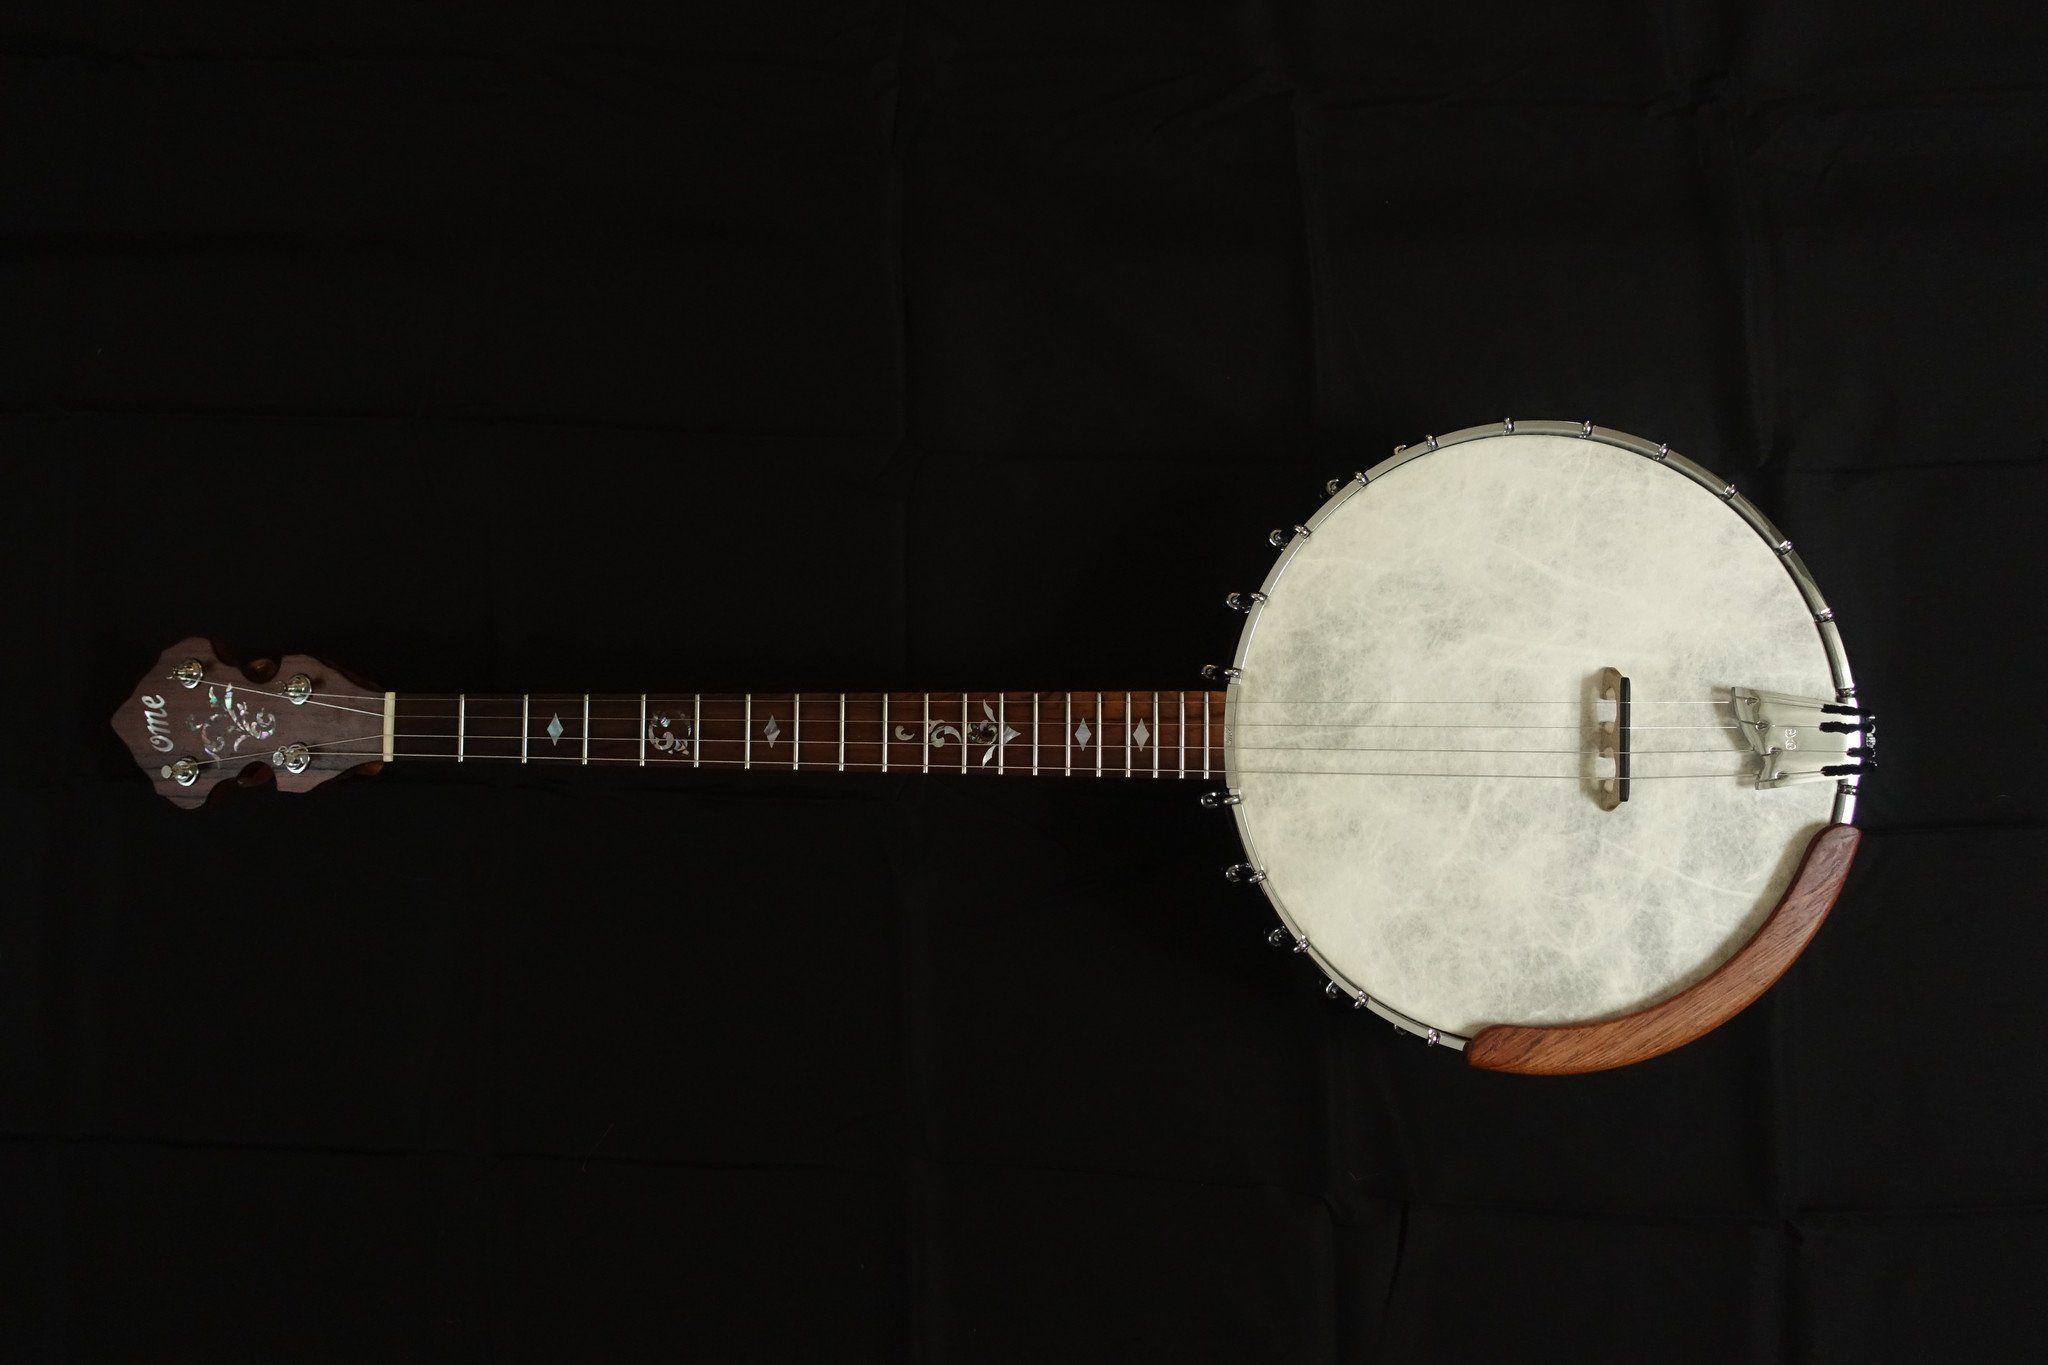 Ome Juniper 19-Fret Tenor Banjo   Products   Banjo, Vintage